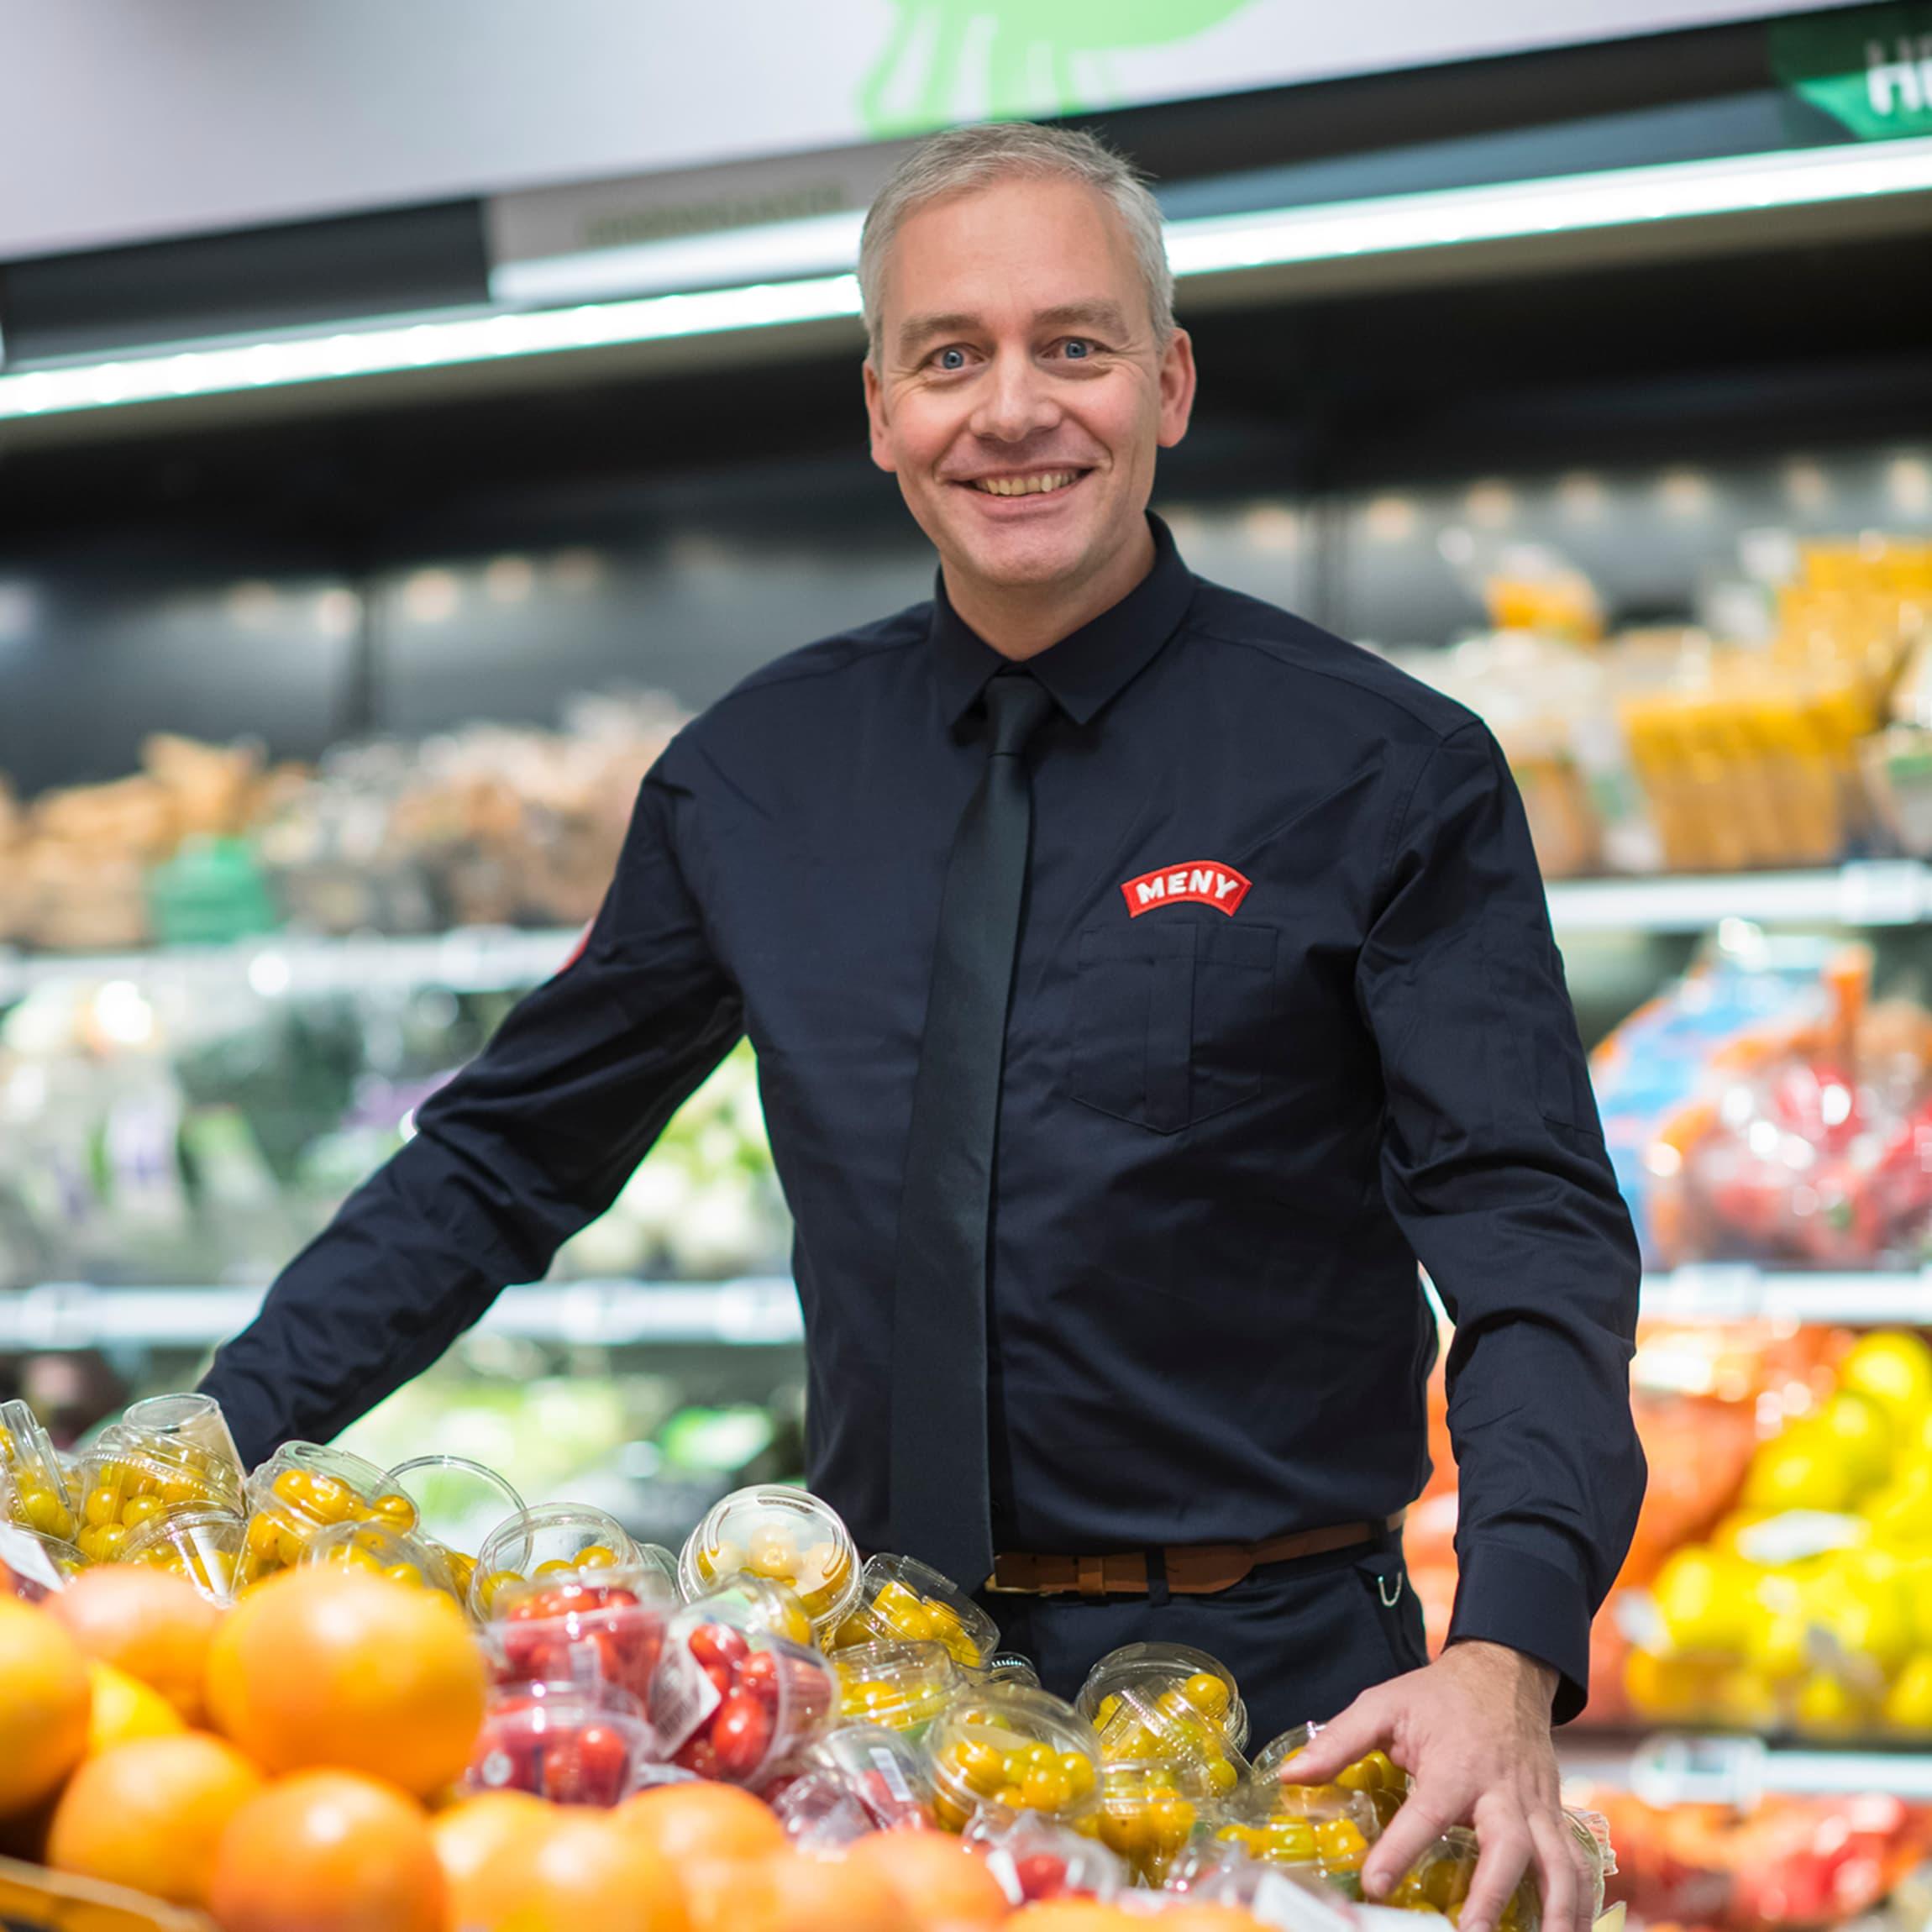 Vi skulle ønske at vi slapp å supplere med importert kjøtt, både fordi vi heier på den norske bonden og fordi vi vet at kundene ønsker å handle norskprodusert, sier Einar Gundersen, kategoridirektør i MENY.